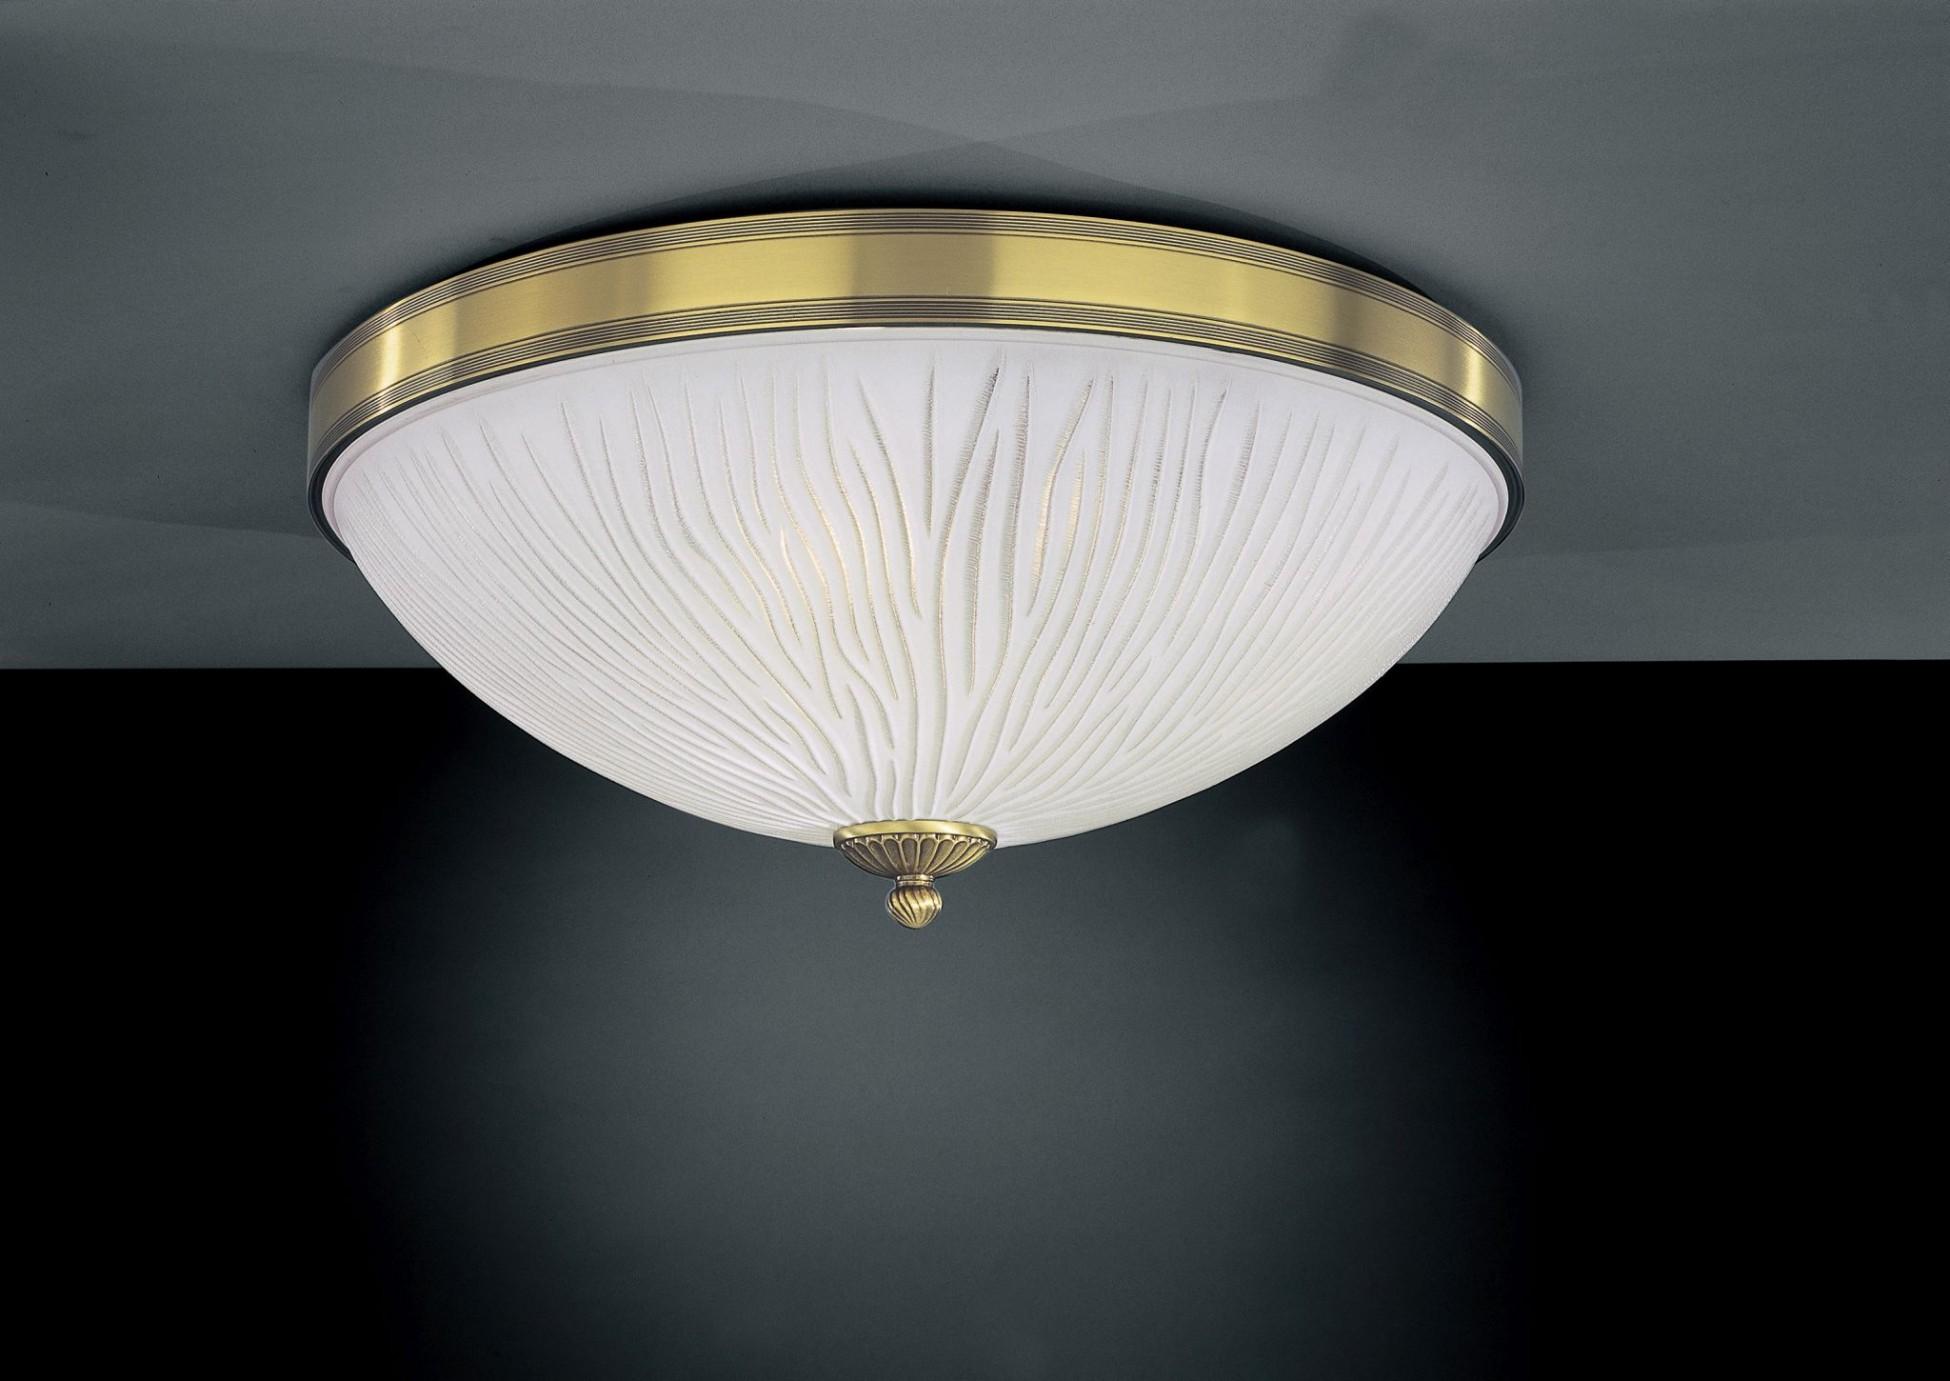 Plafoniera Ottone Vetro : Plafoniera classica in ottone e vetro bianco striato luci cm